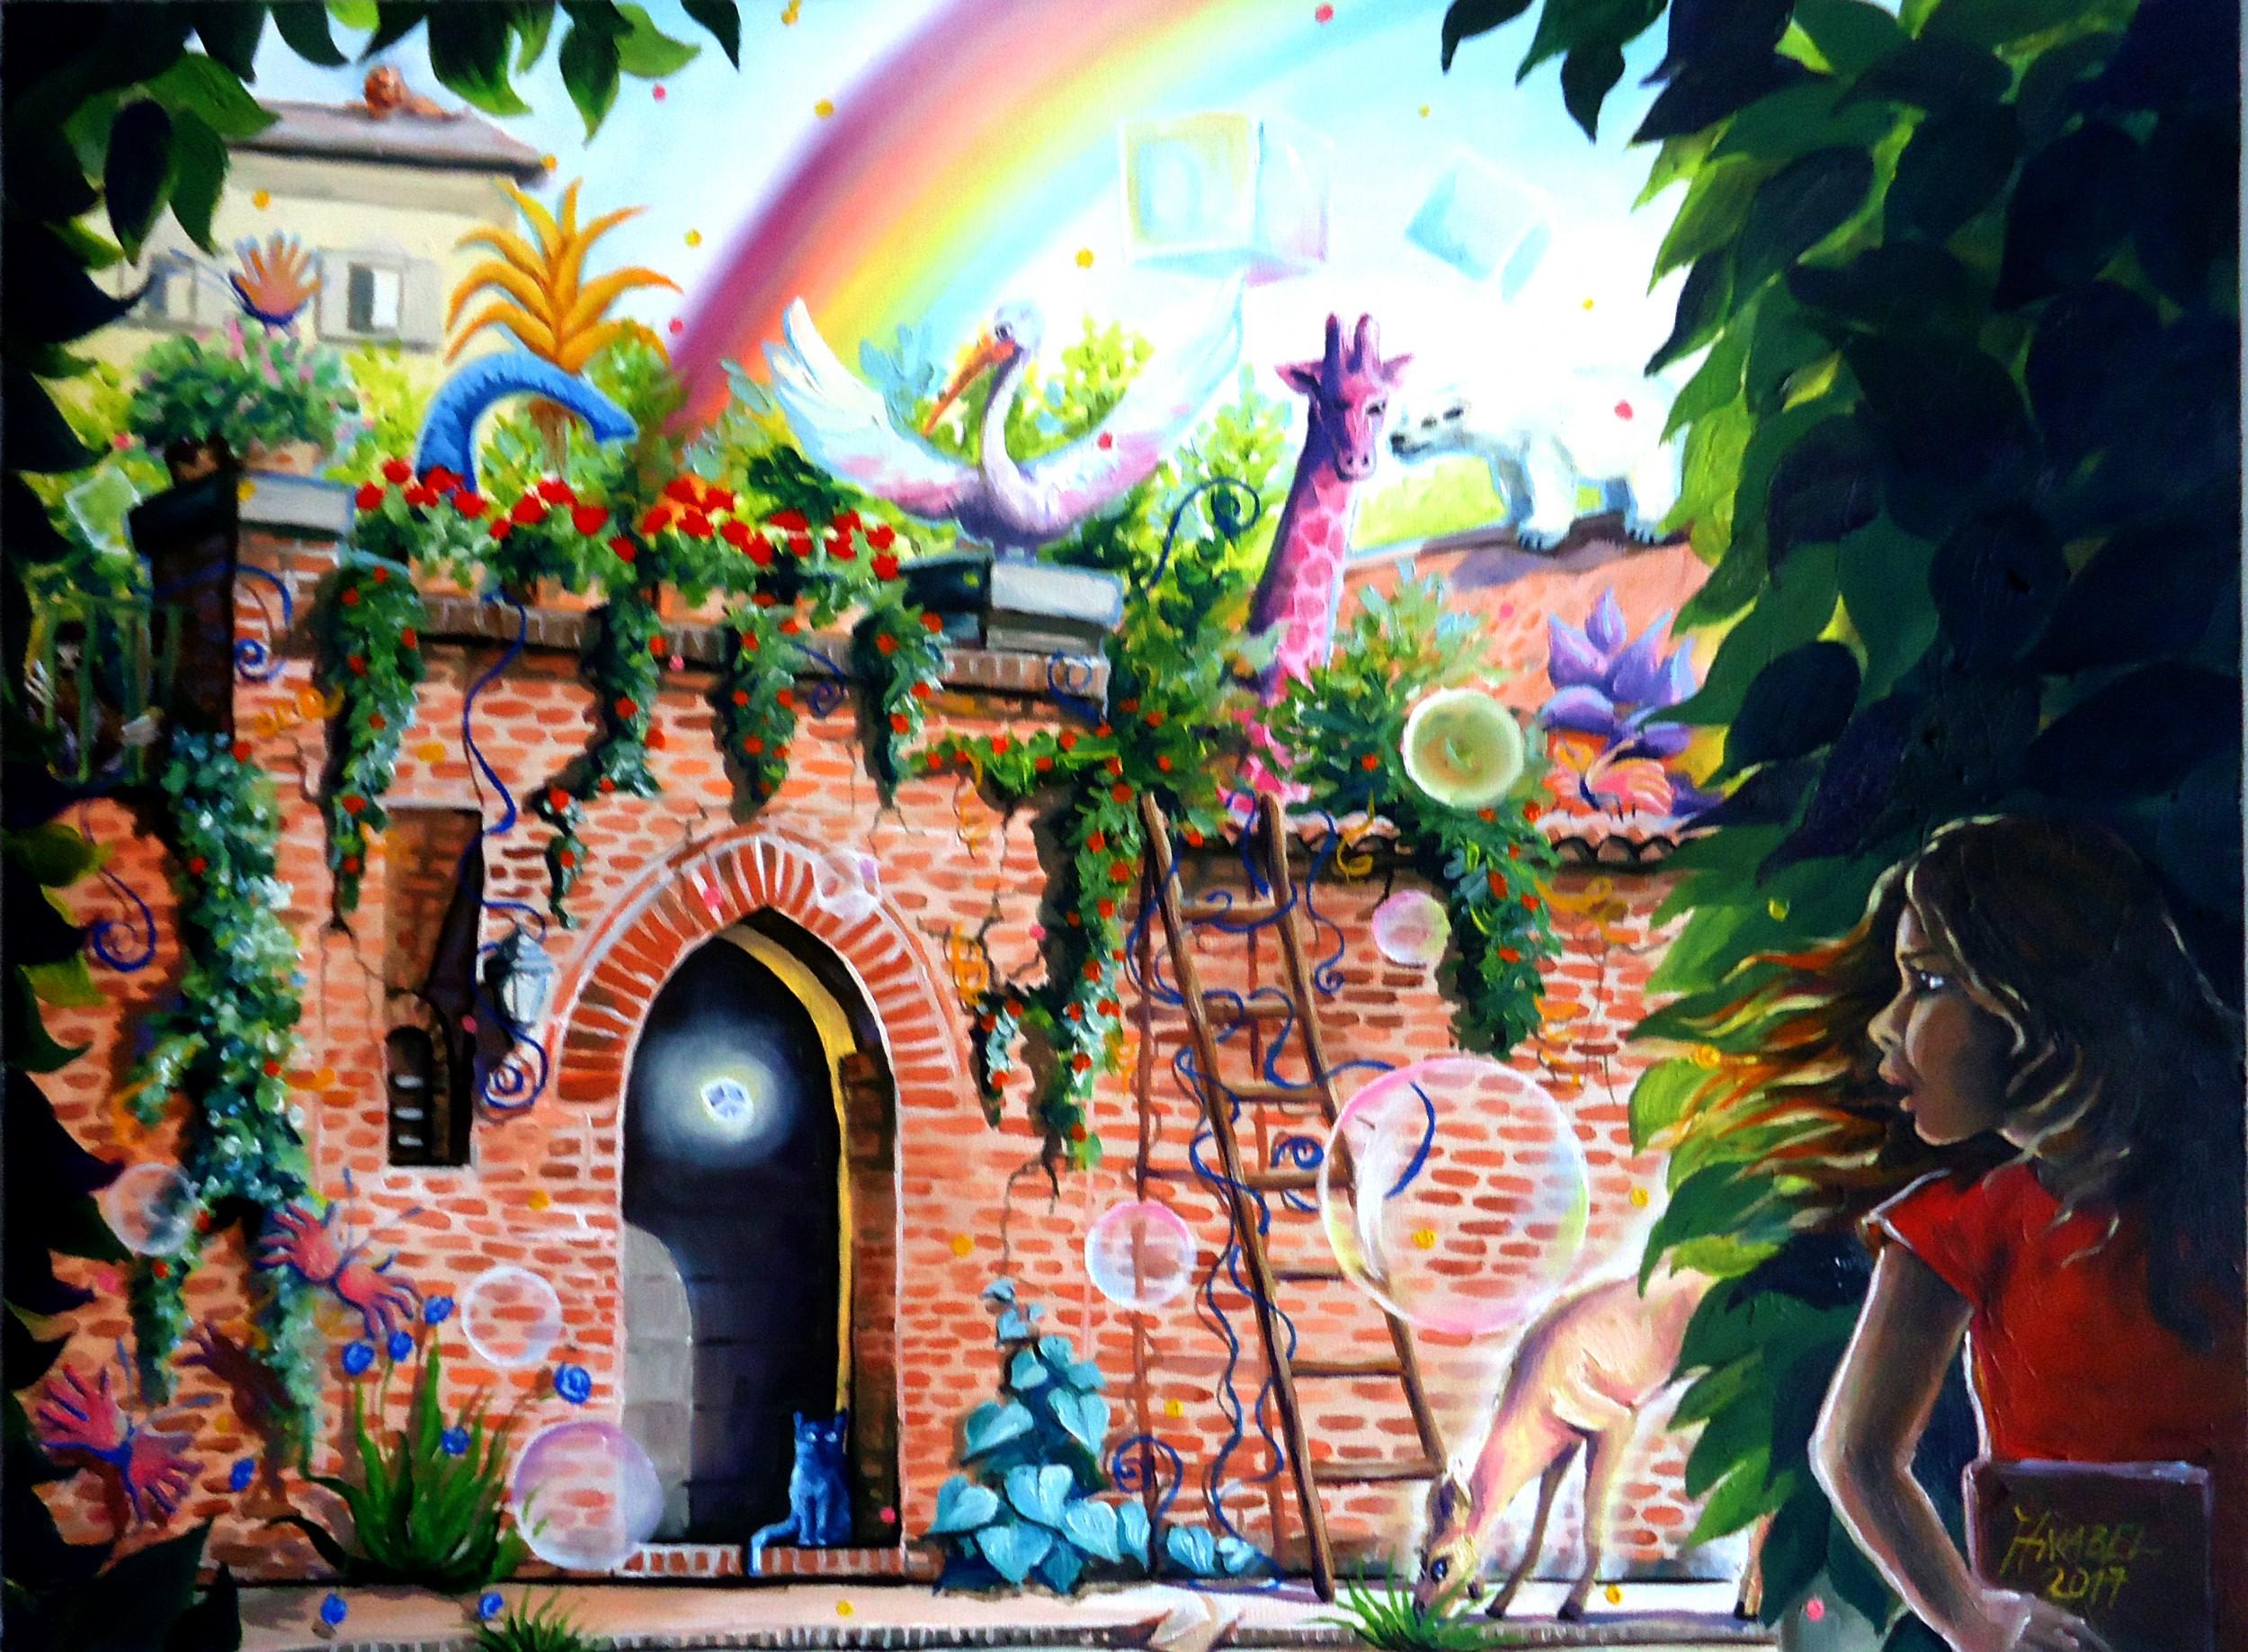 Il giardino delle meraviglie maria anabel rauber opera celeste network - Il giardino delle meraviglie ...